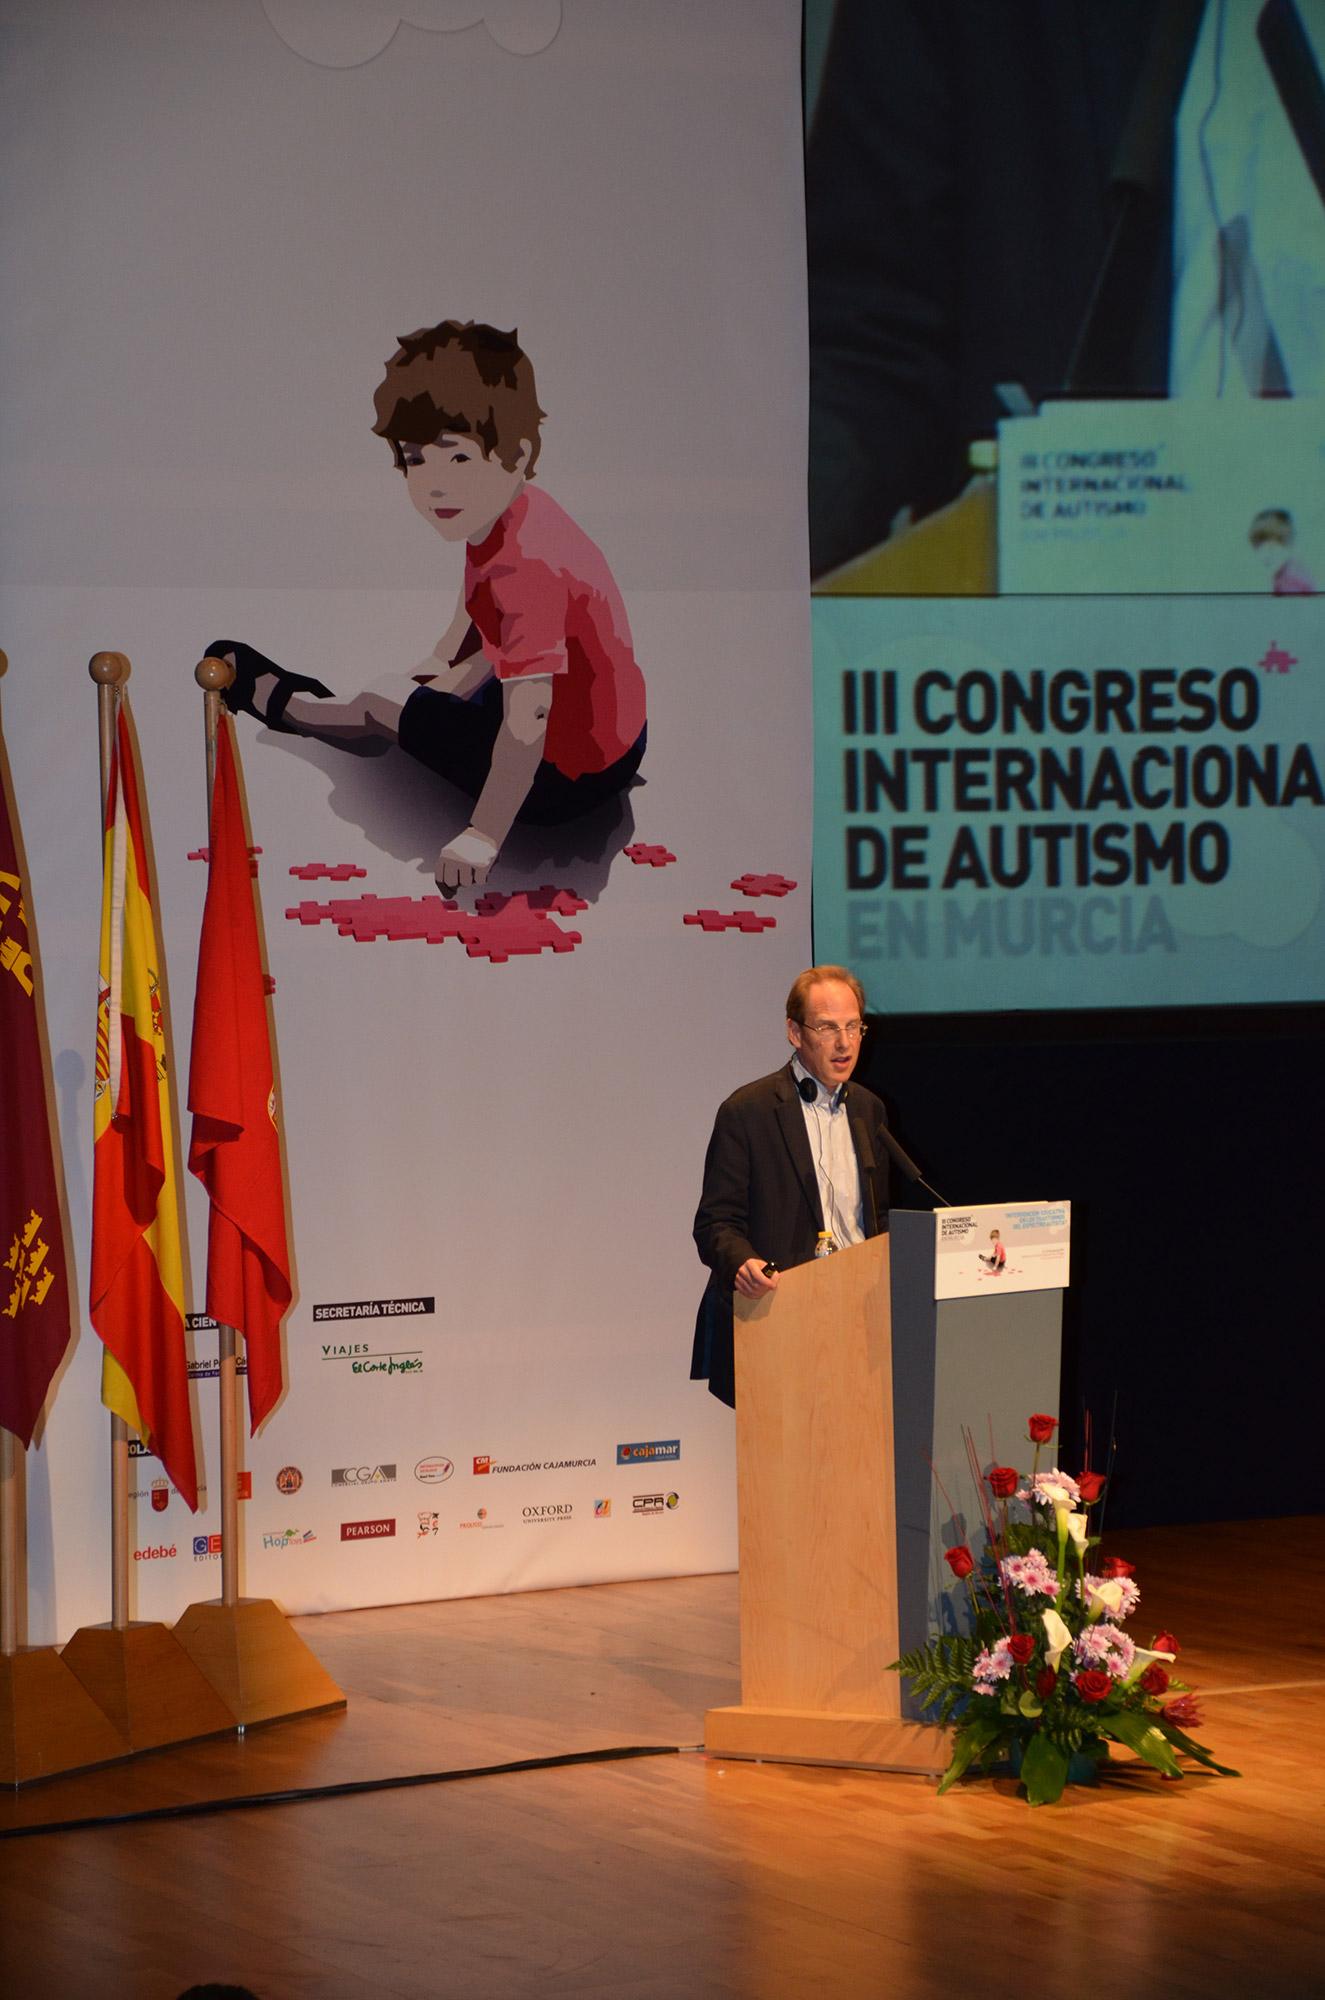 Abierta la Inscripción al IV Congreso Internacional de Autismo